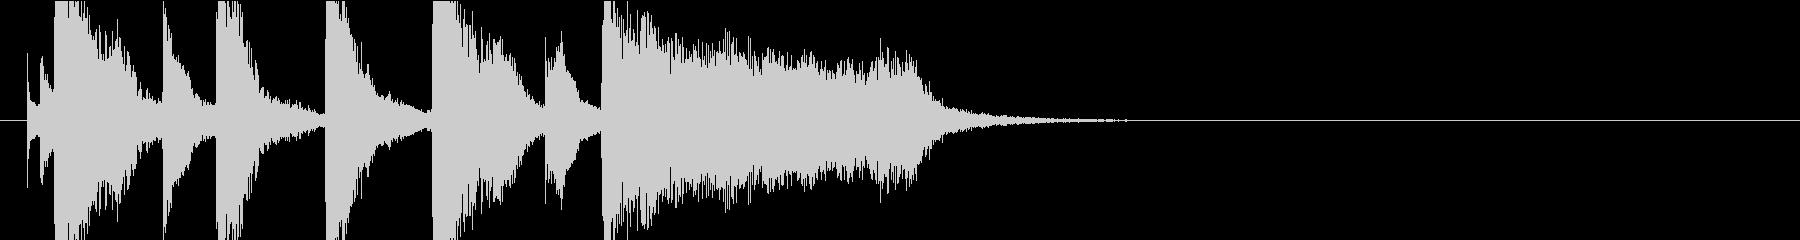 バイオリンの綺麗なアニメアイキャッチ風の未再生の波形